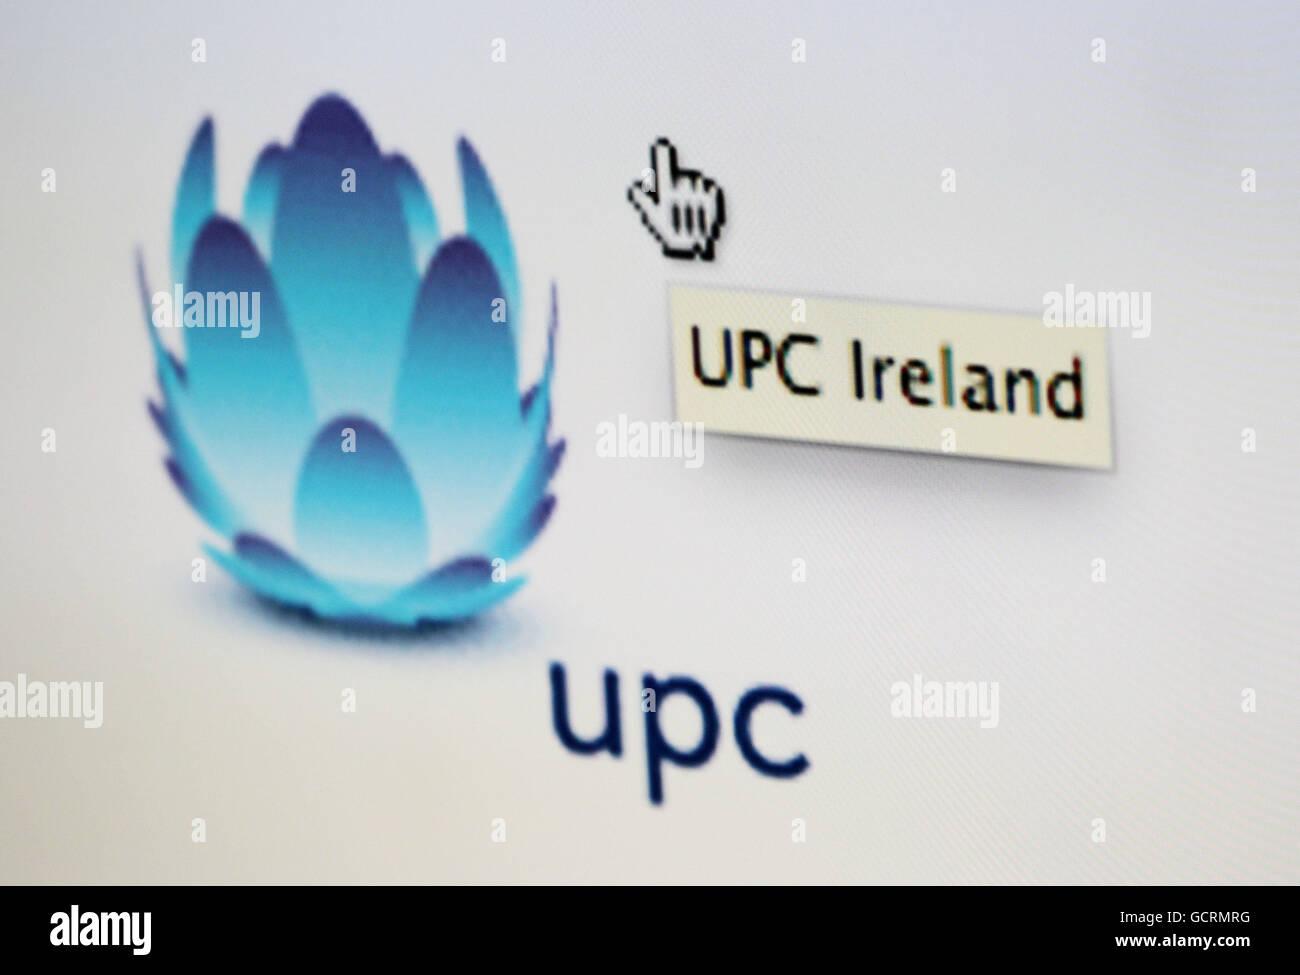 Irish music piracy - Stock Image